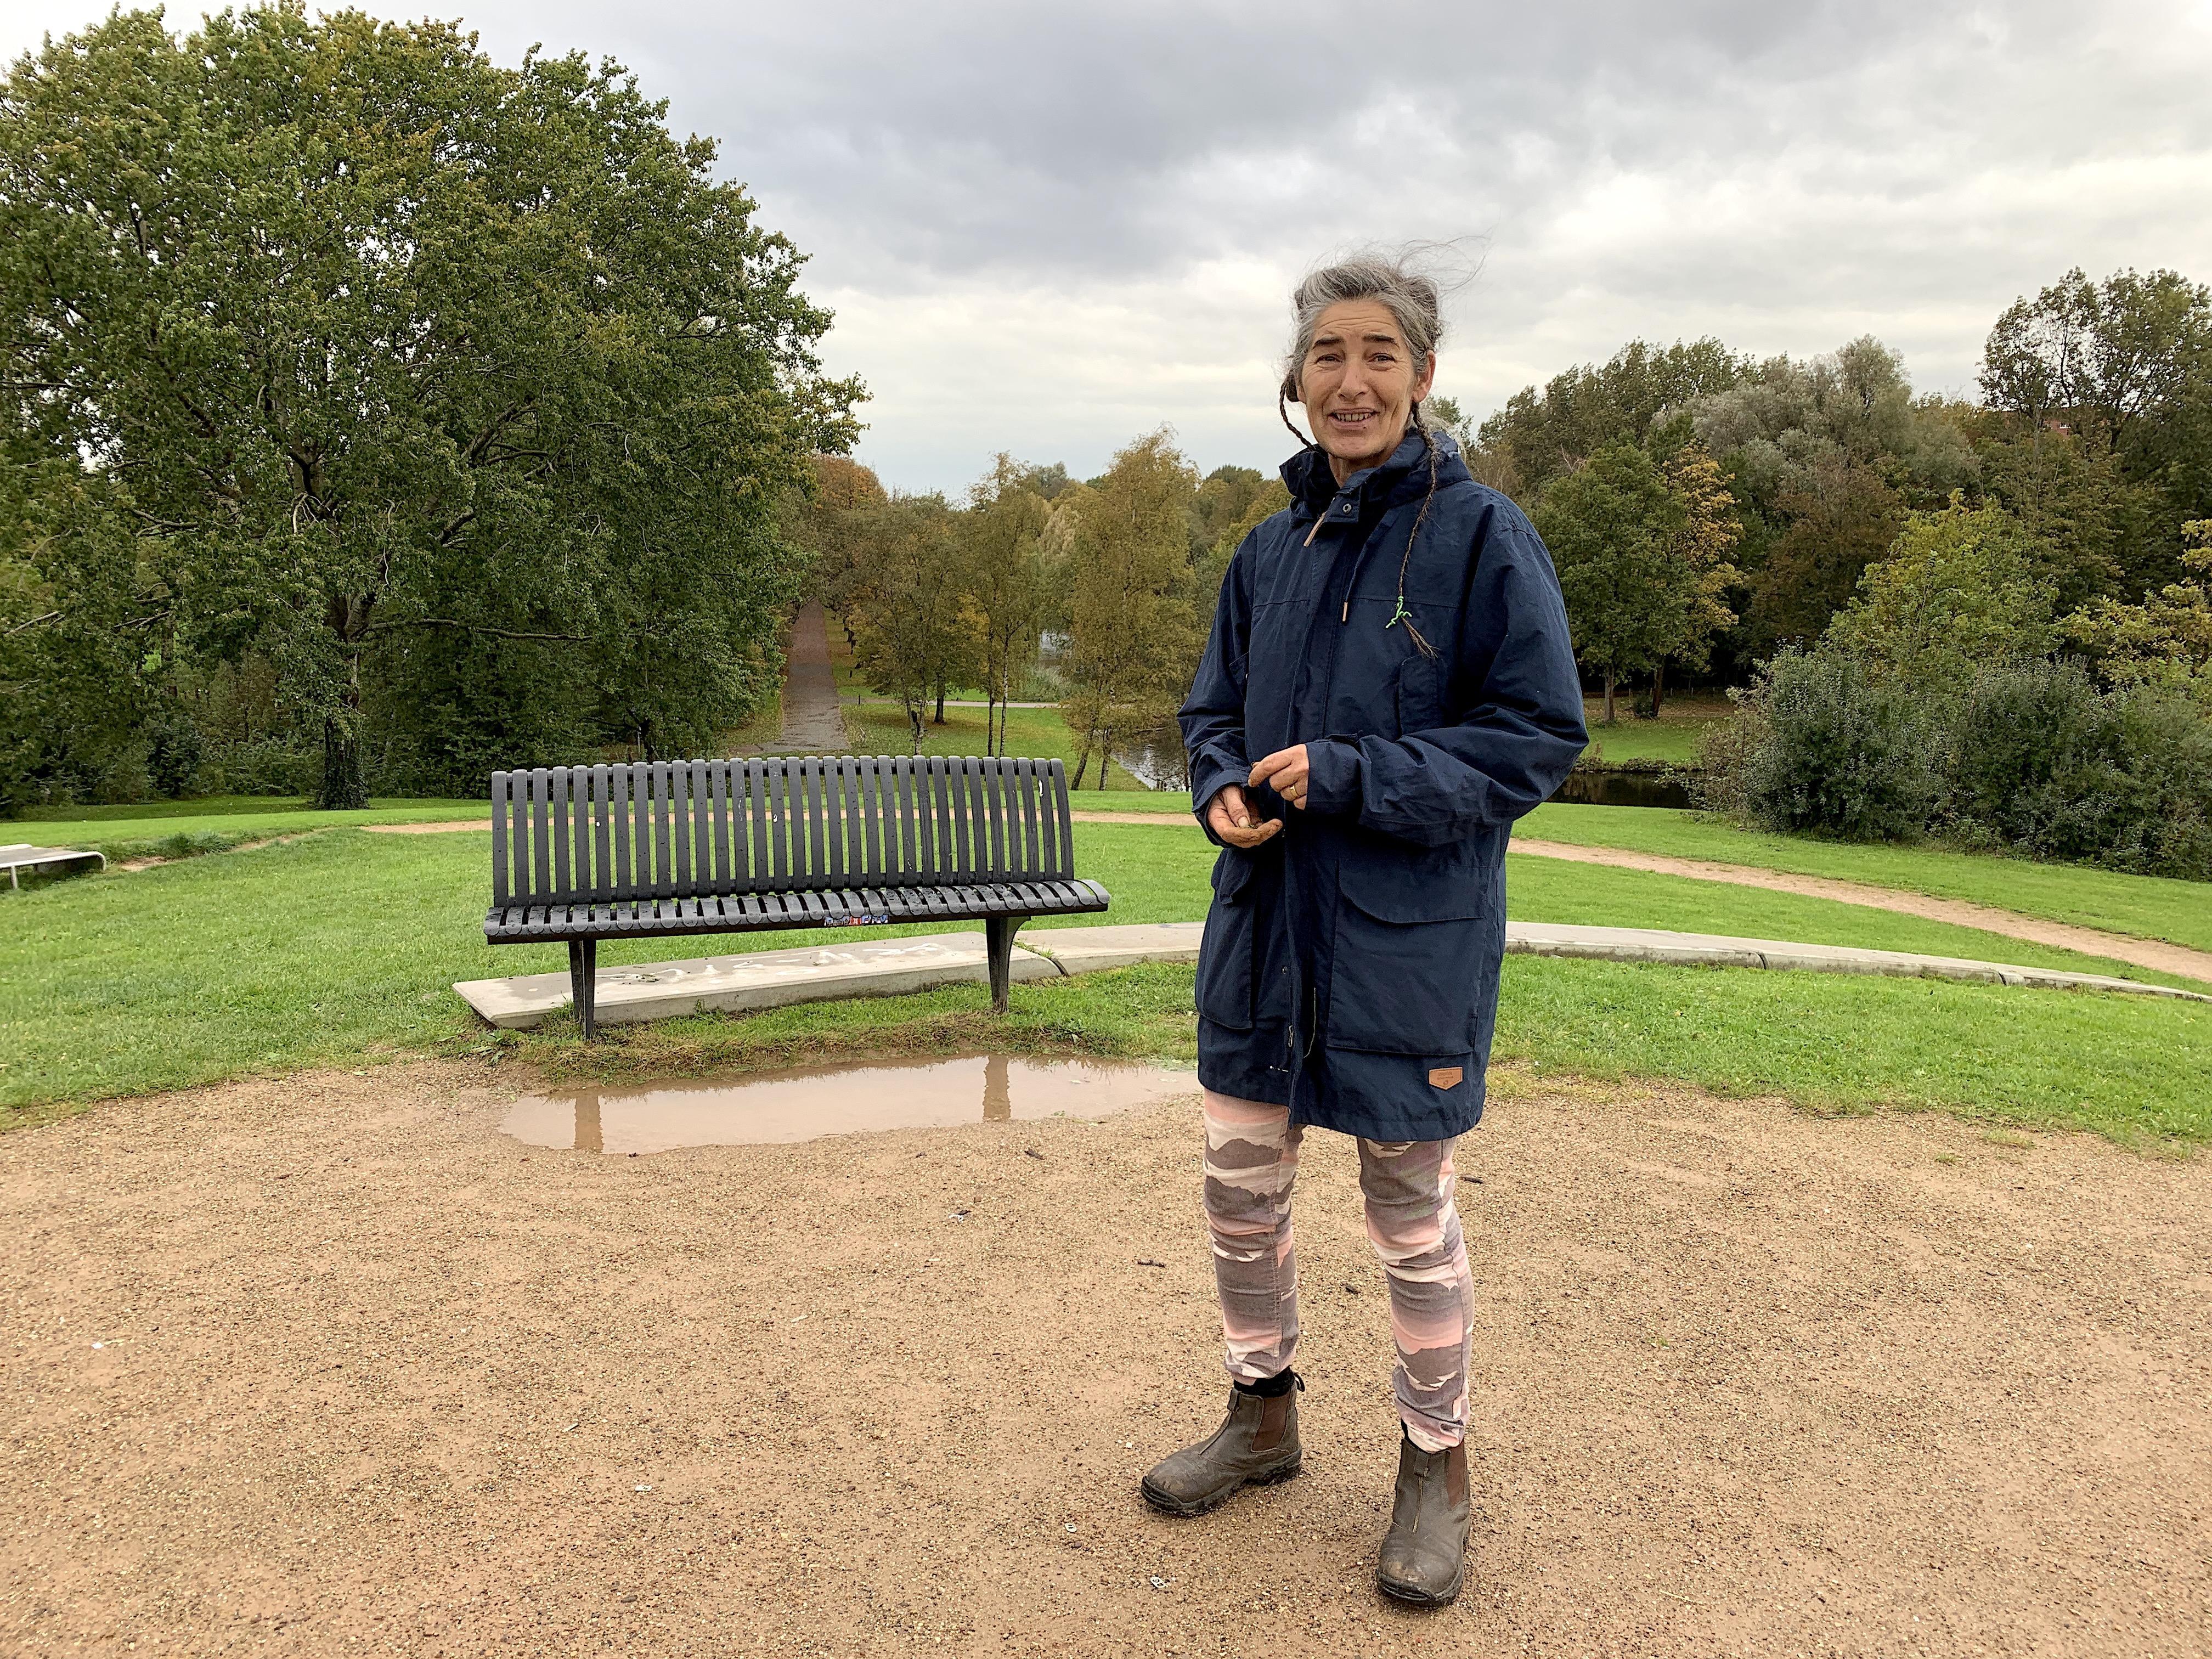 Onderweg: Alkmaarse Jannemarie Waslander (55) voelt zich verbonden met de aarde. Tegenwoordig ruimt de oud-hovenier het zwerfafval op, verspreidt ze plantenzaadjes en doet ze groene projecten op vrijwillige basis.